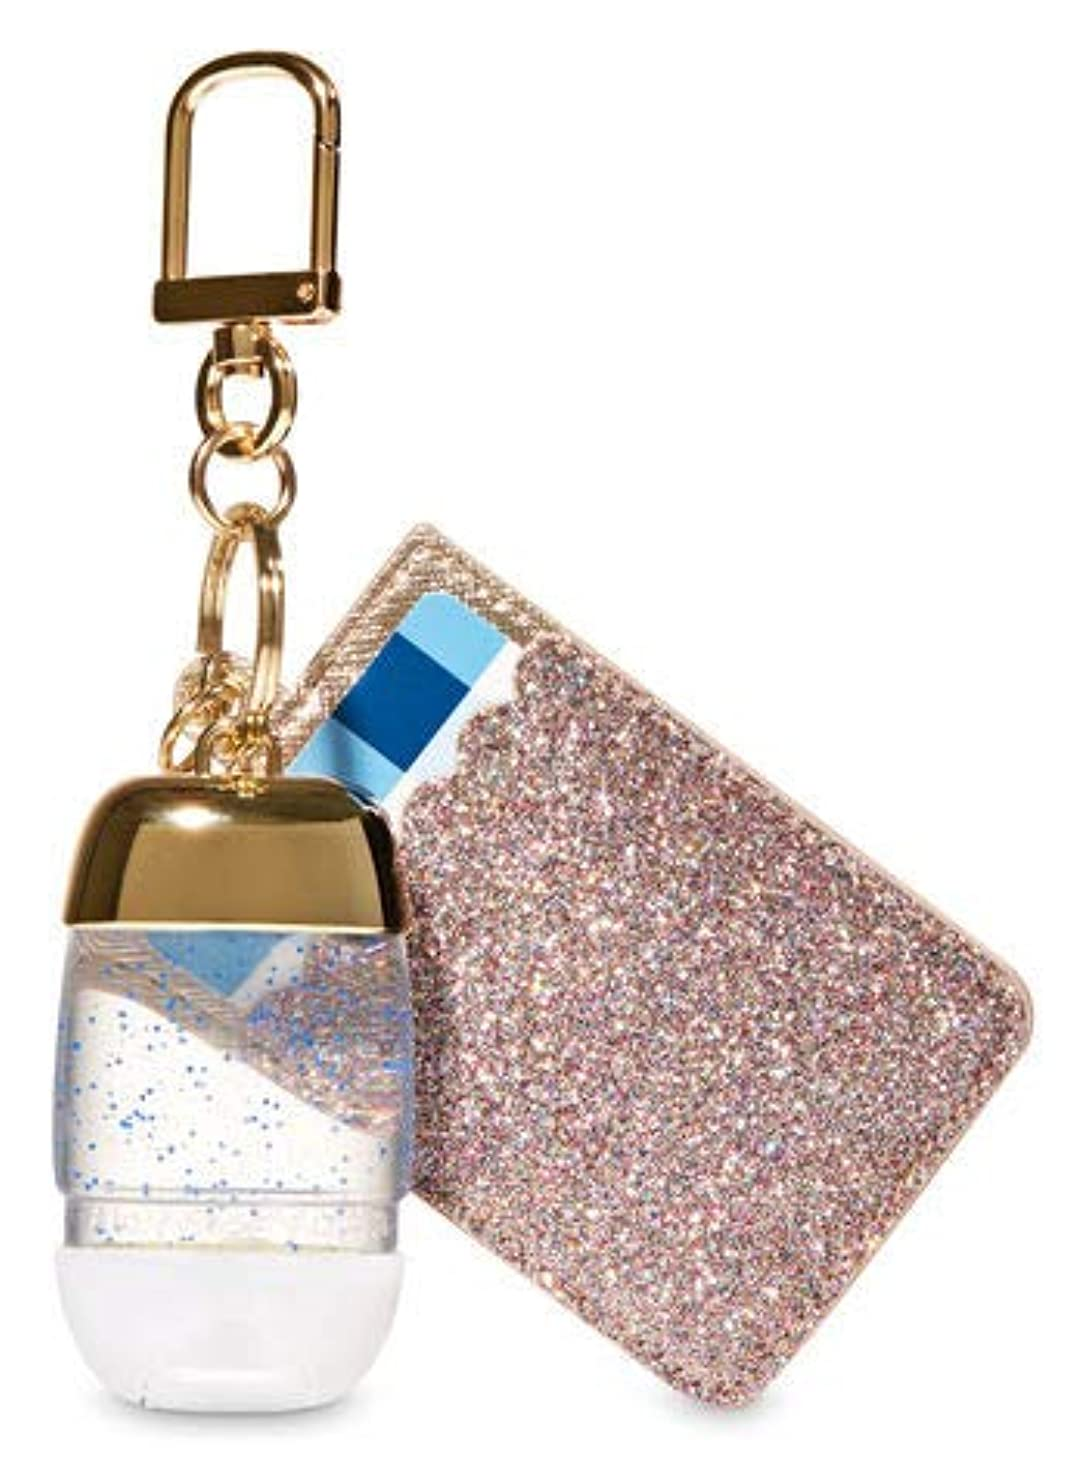 囲いと遊ぶ引っ張る【Bath&Body Works/バス&ボディワークス】 抗菌ハンドジェルホルダー カードケース グリッターゴールド Credit Card & PocketBac Holder Glitterly Gold [並行輸入品]